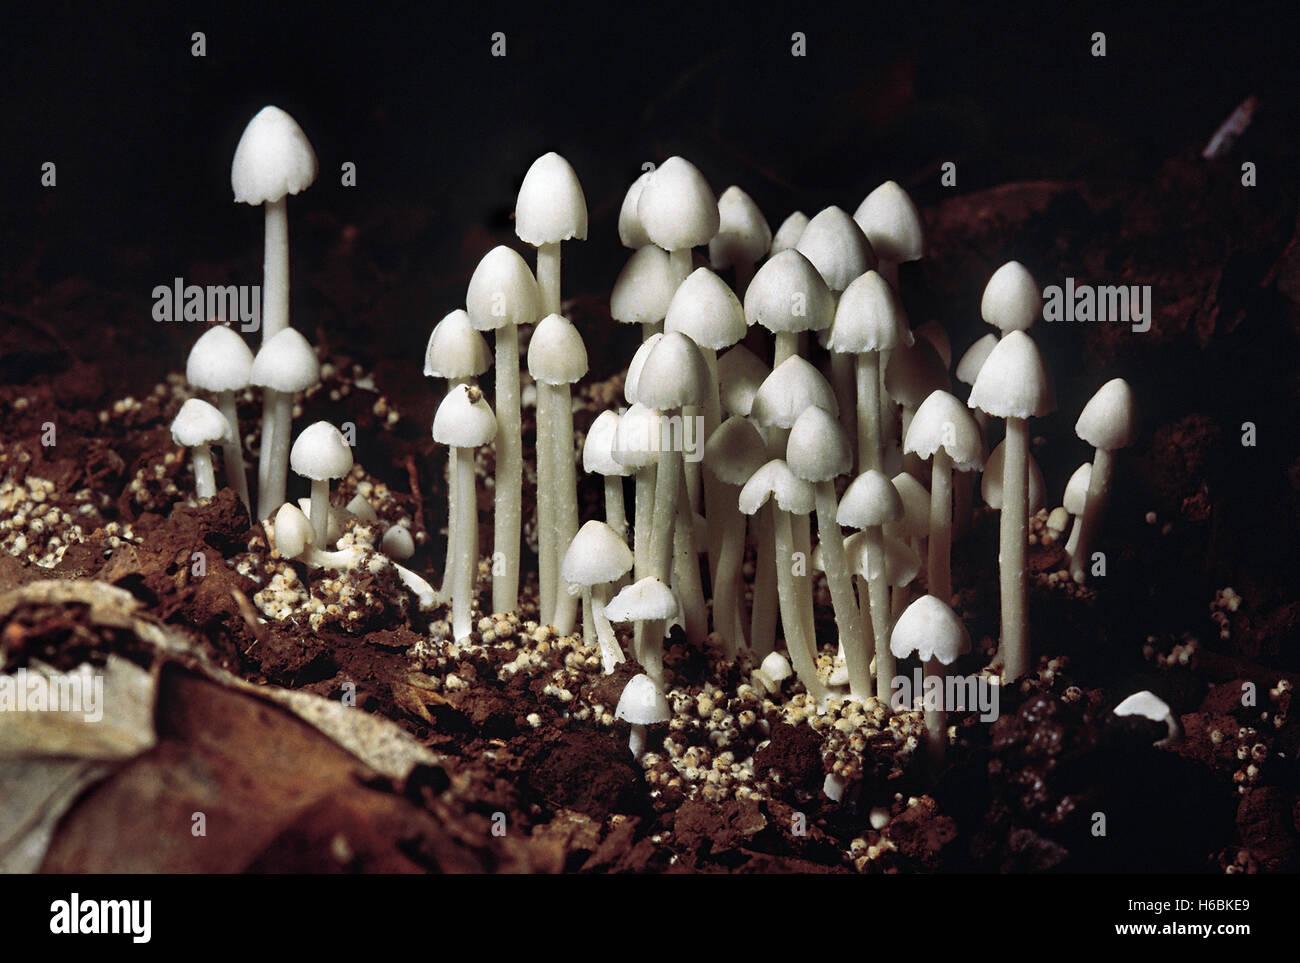 Termitomyces sp. termita de setas (pequeño). Clase: homobasidiomycetes . series: hymenomycetes. Orden: Agaricales. Foto de stock